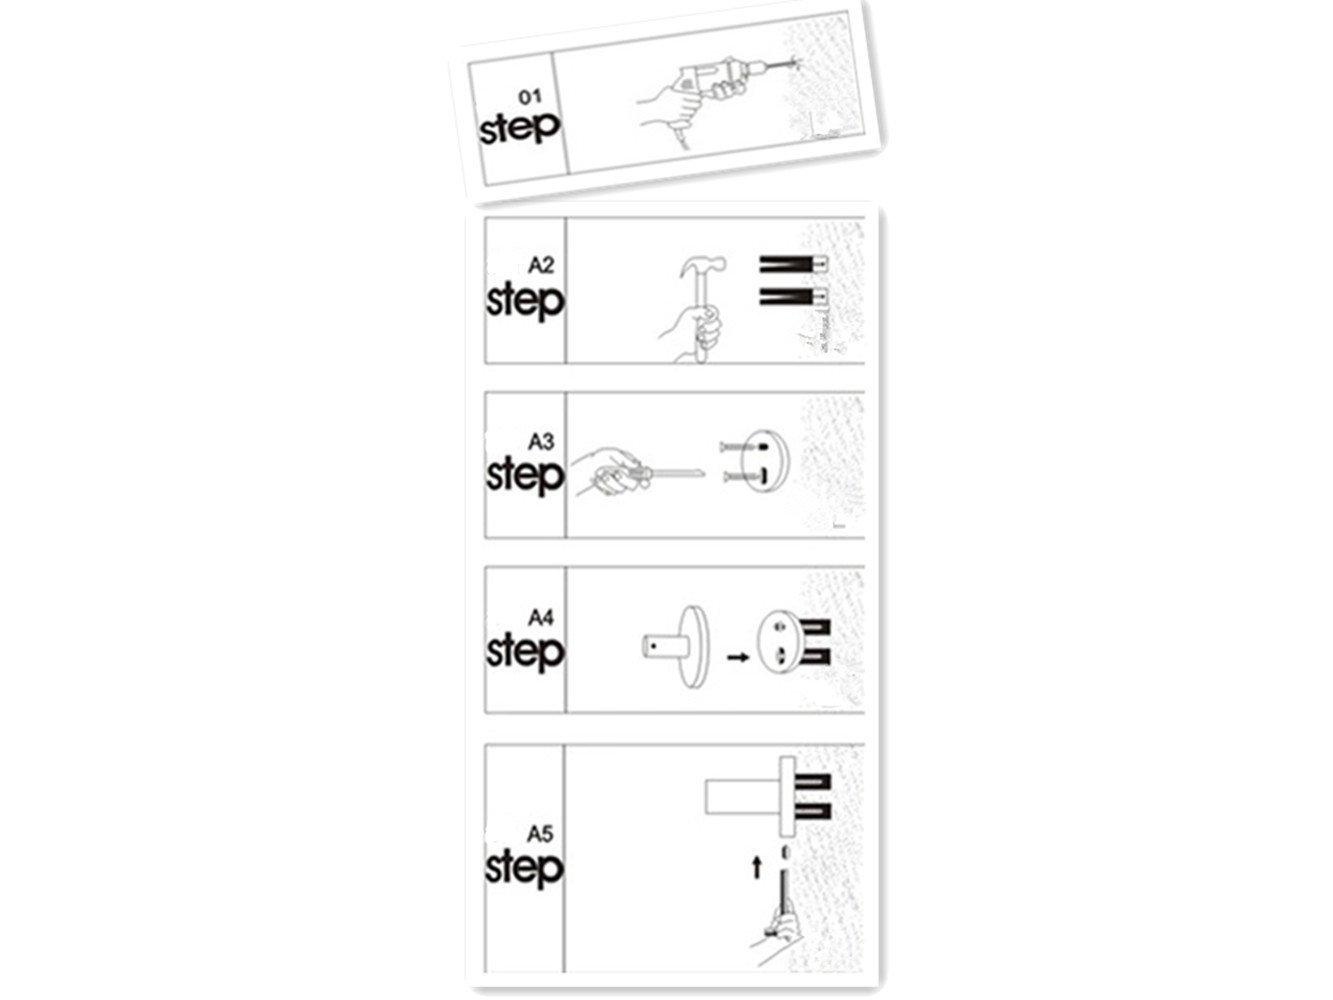 portarrollos papel higi/énico Retro Portarrollos de acero inoxidable ba/ño rollo soporte con estante para tel/éfono m/óvil//cuarto de ba/ño accesorios 5/colores tenthome antig/üedad 2/en 1